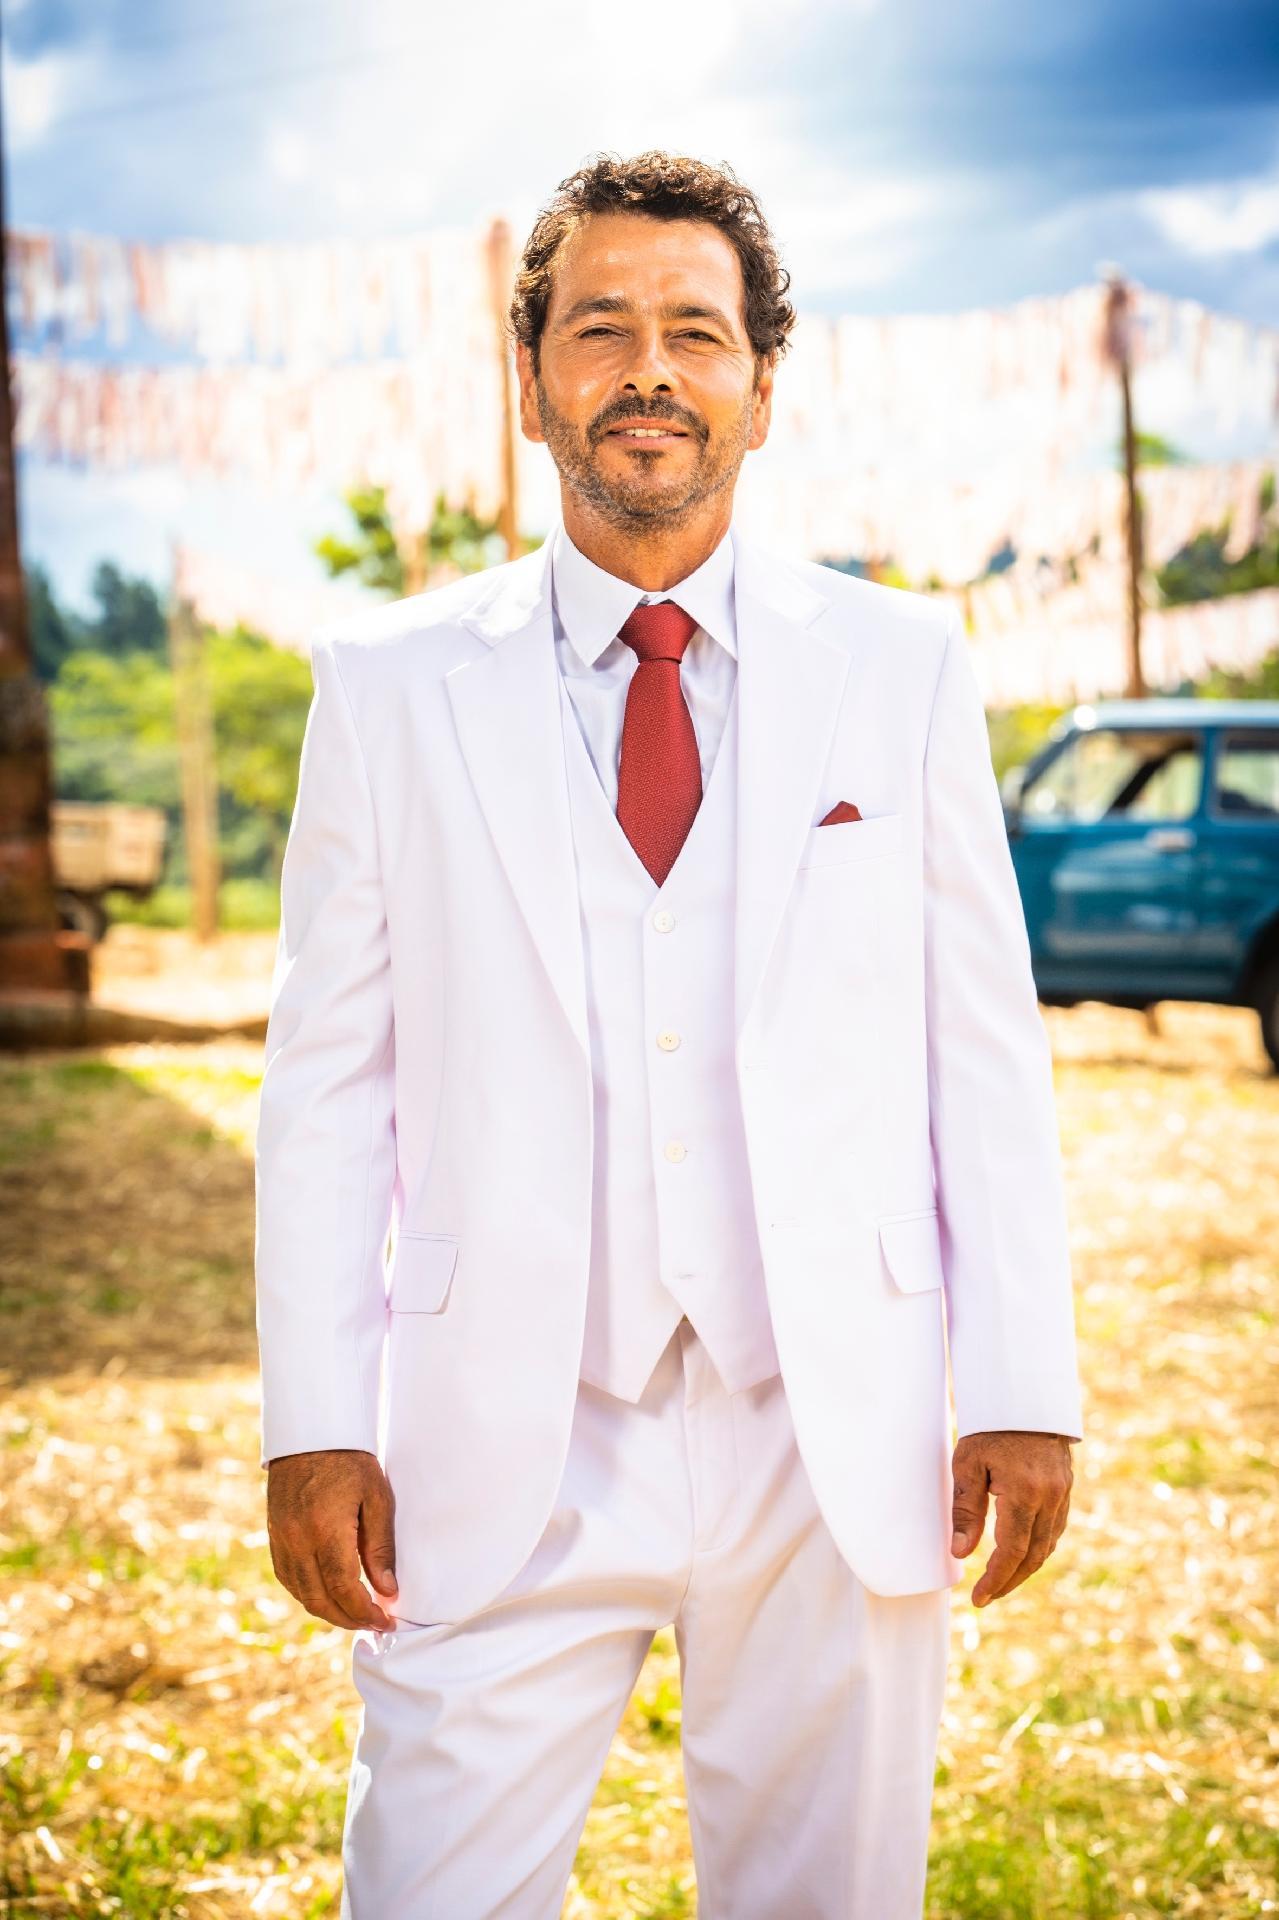 """Marcos Palmeira: """"Não sei se sou o ator mais barato. Sou o mais facinho"""""""